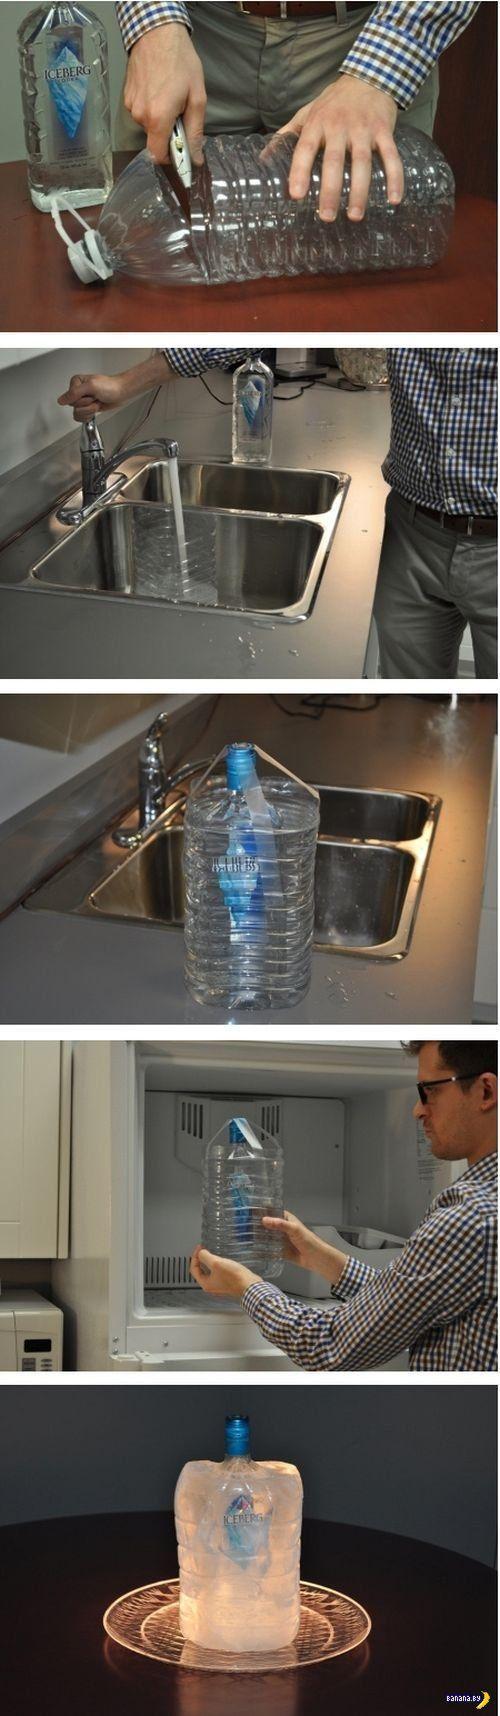 Нет теплой водке!